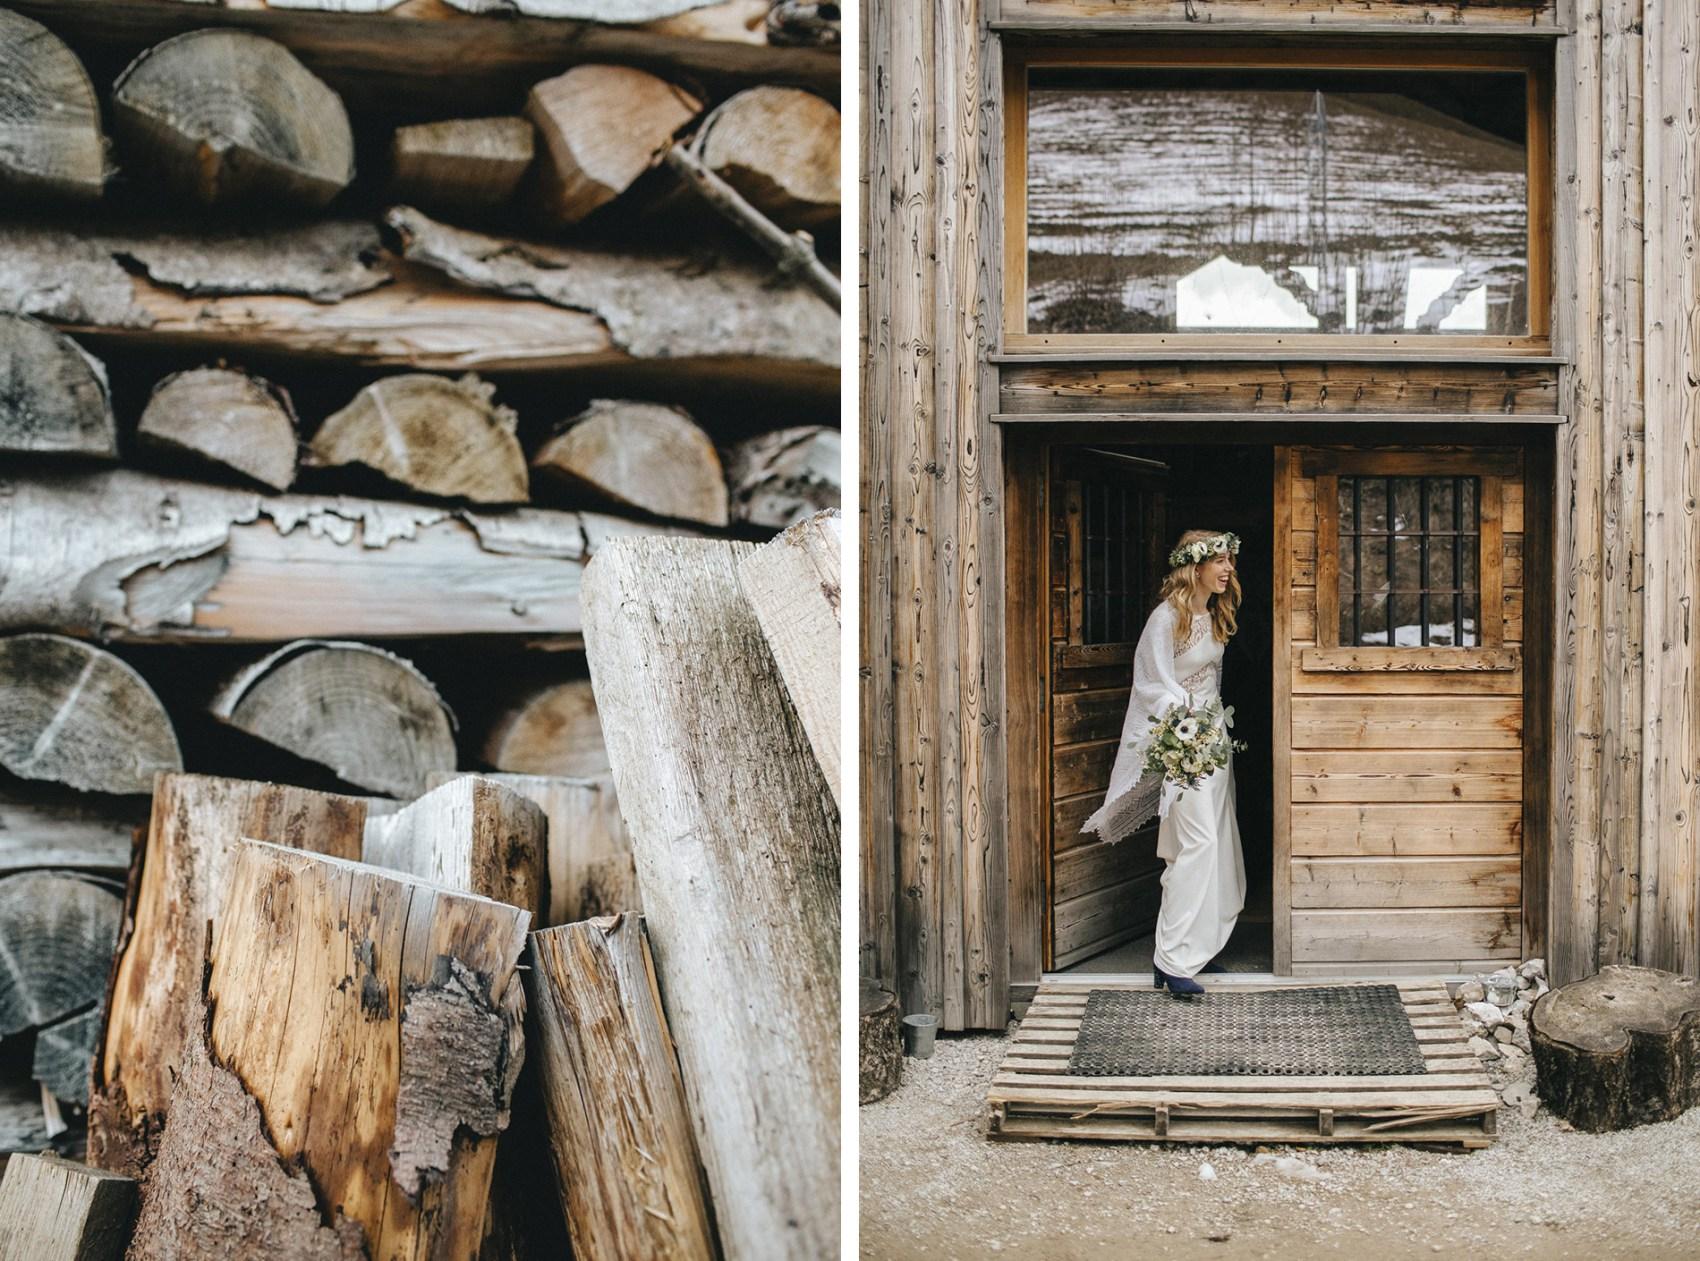 mariage-montagne-le-gite-du-passant-savoie-51-copie.jpg